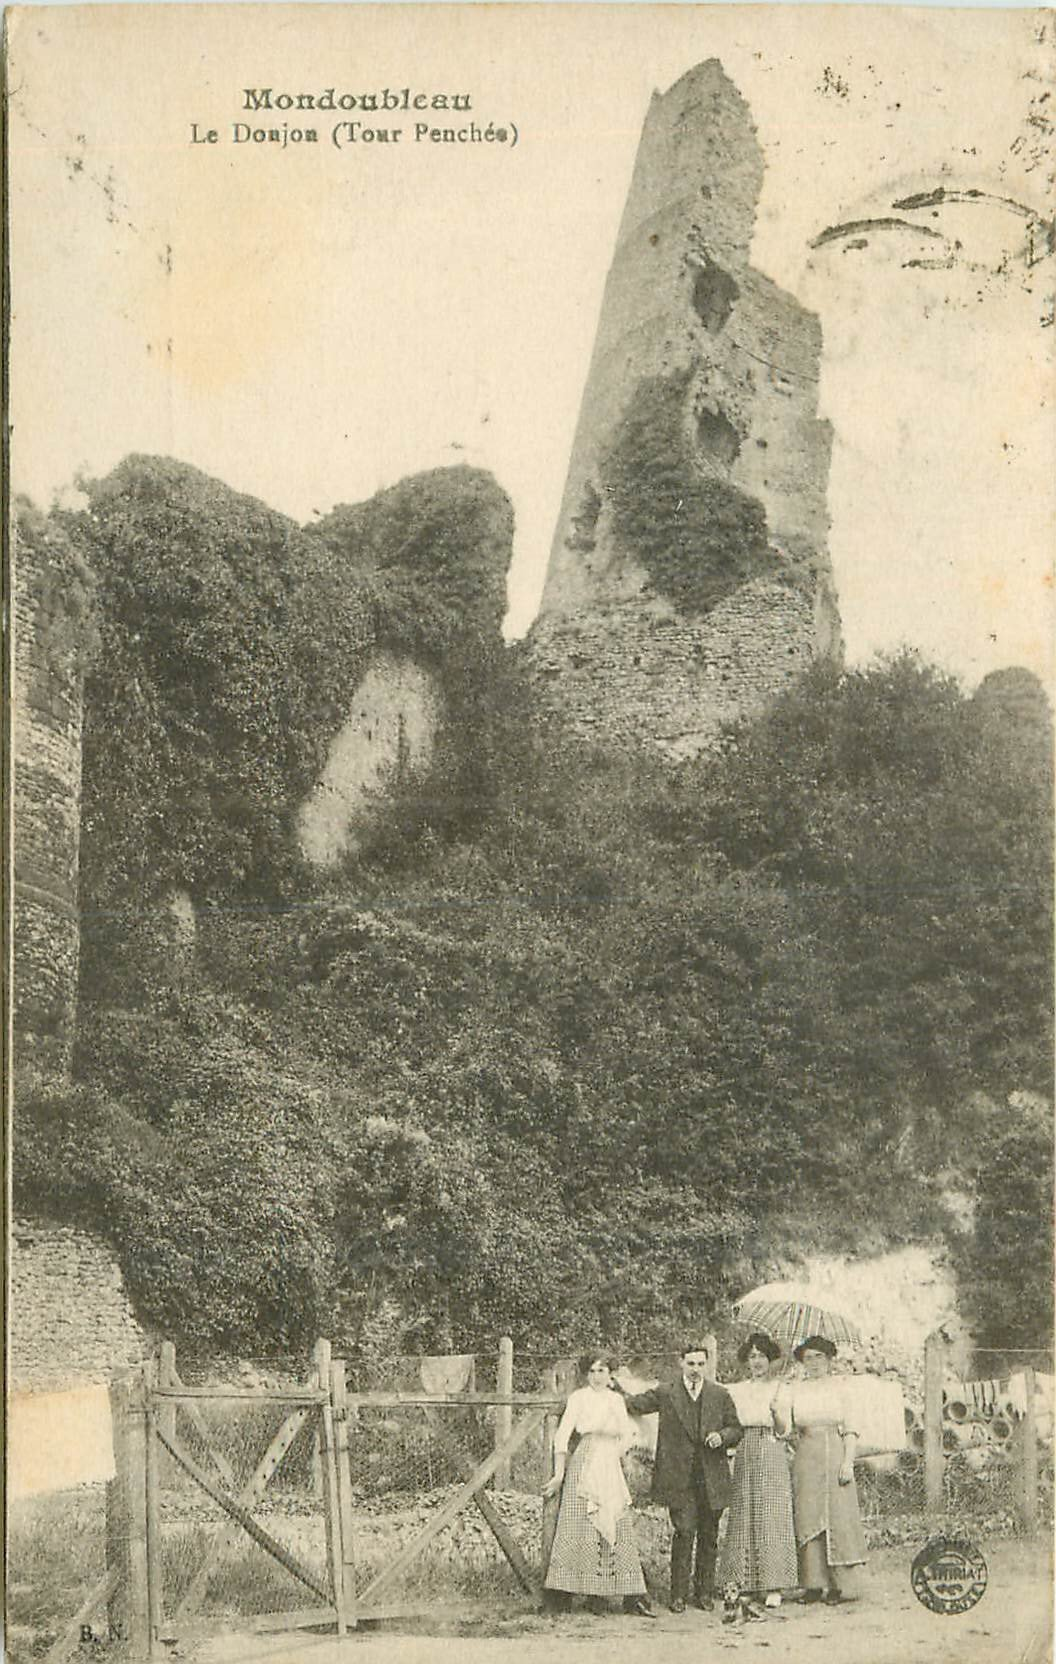 41 MONDOULEBAU. Le Donjon animation au pied de la Tour Penchée 1926